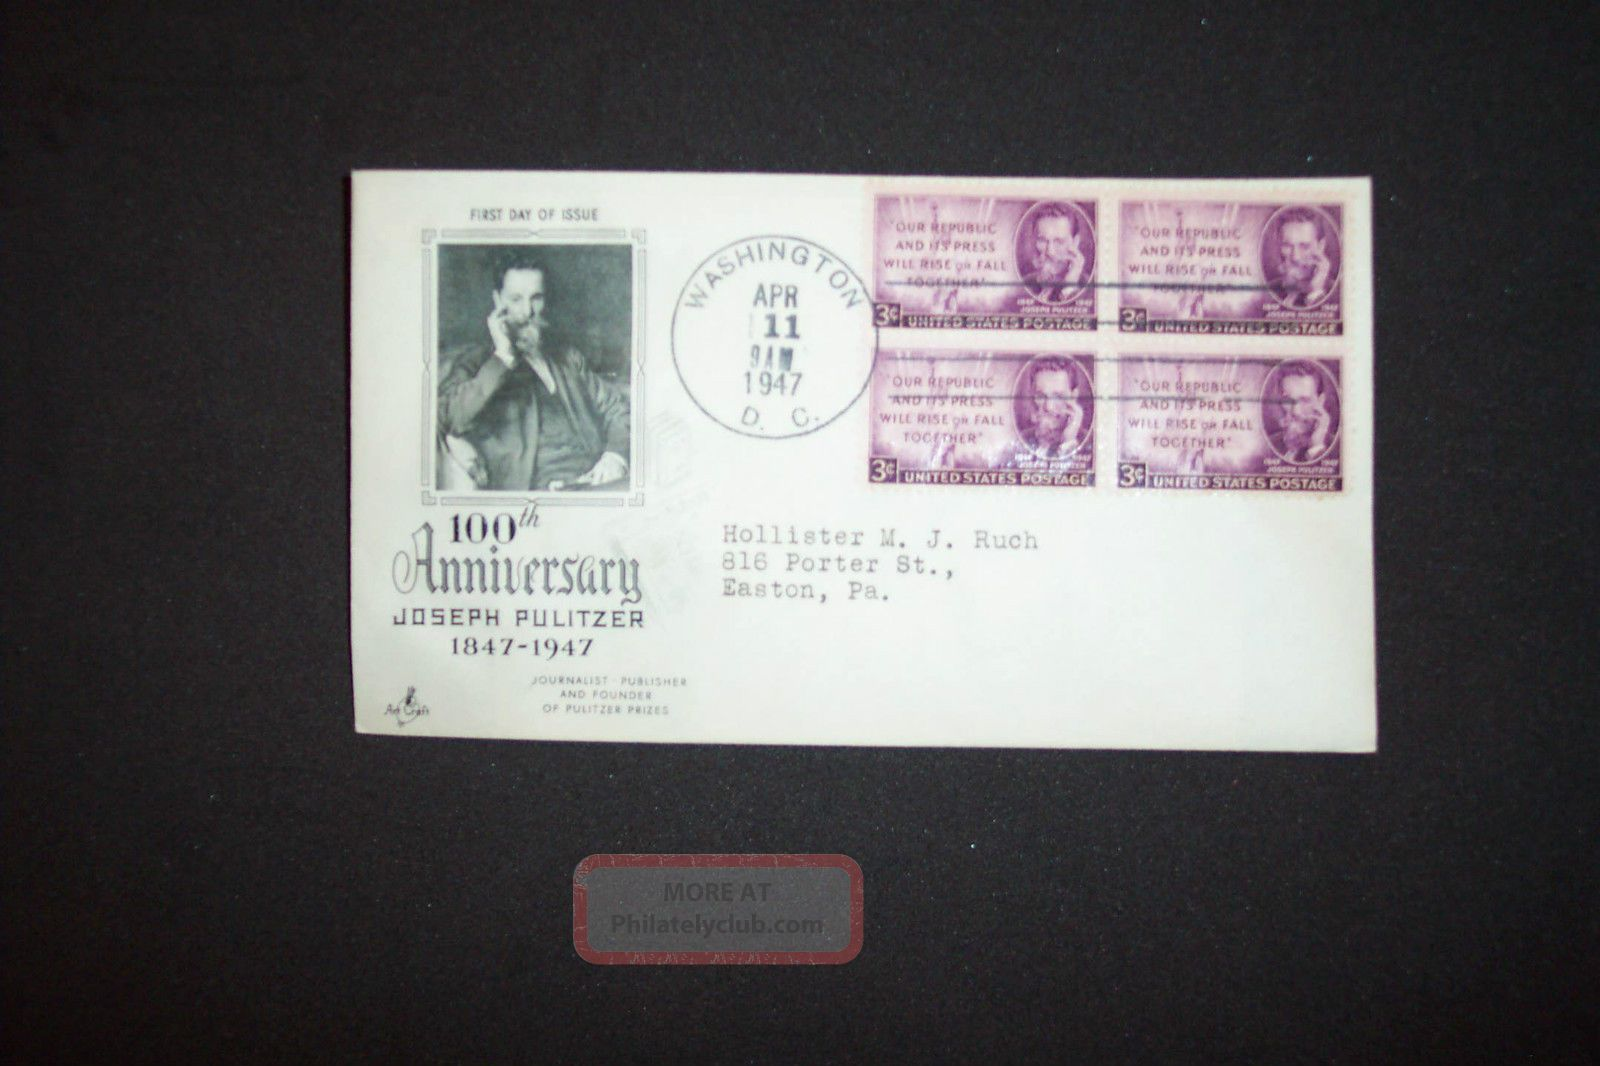 3c Blk 4 Joseph Pulitzer Fdc Dc Art Craft/scott 946 FDCs (pre-1951) photo